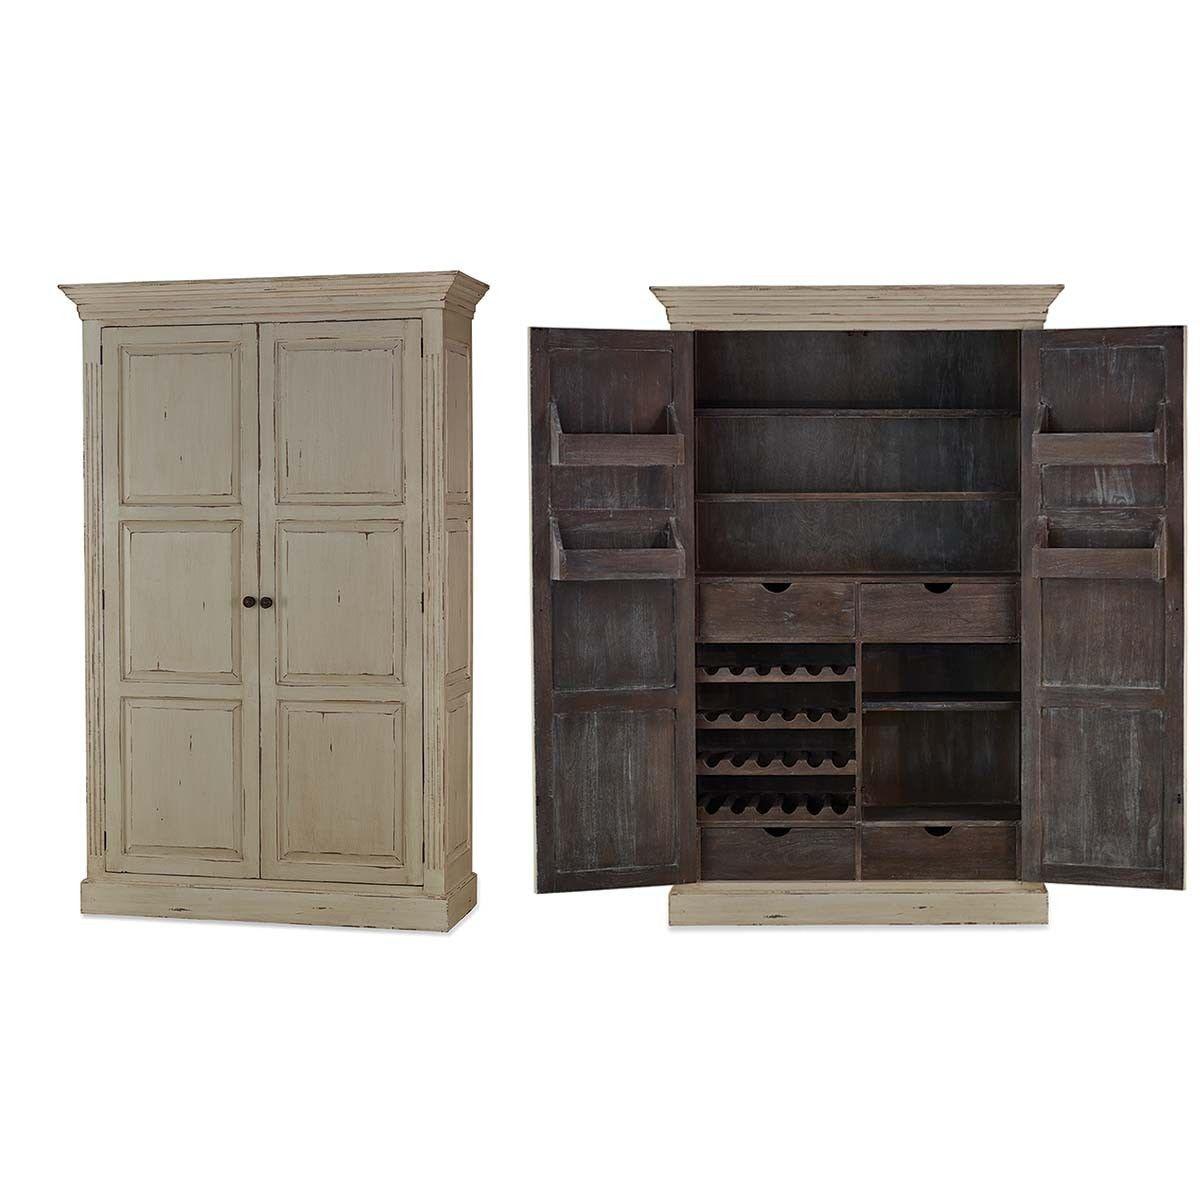 Pamaro Shop Furniture